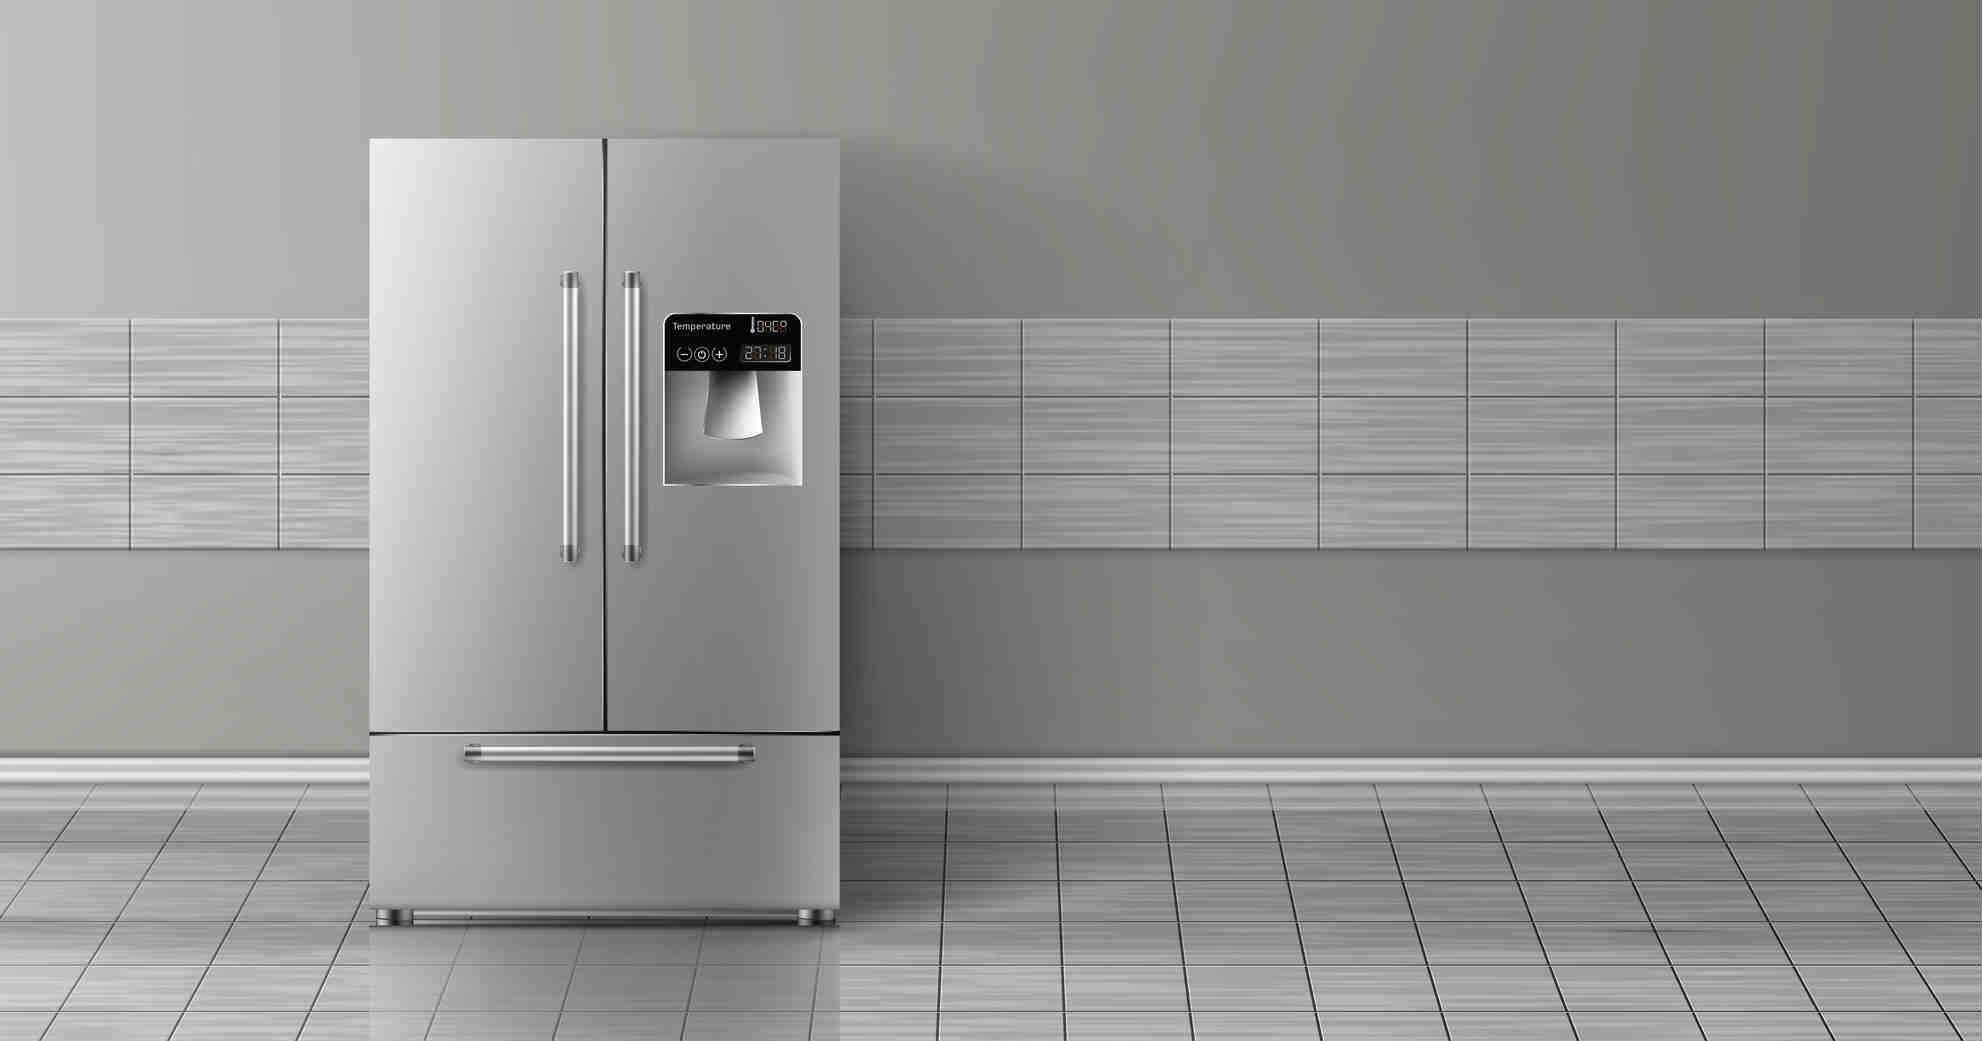 冷蔵庫のガラスドアの魅力とデメリット ガラスドアでおすすめの製品